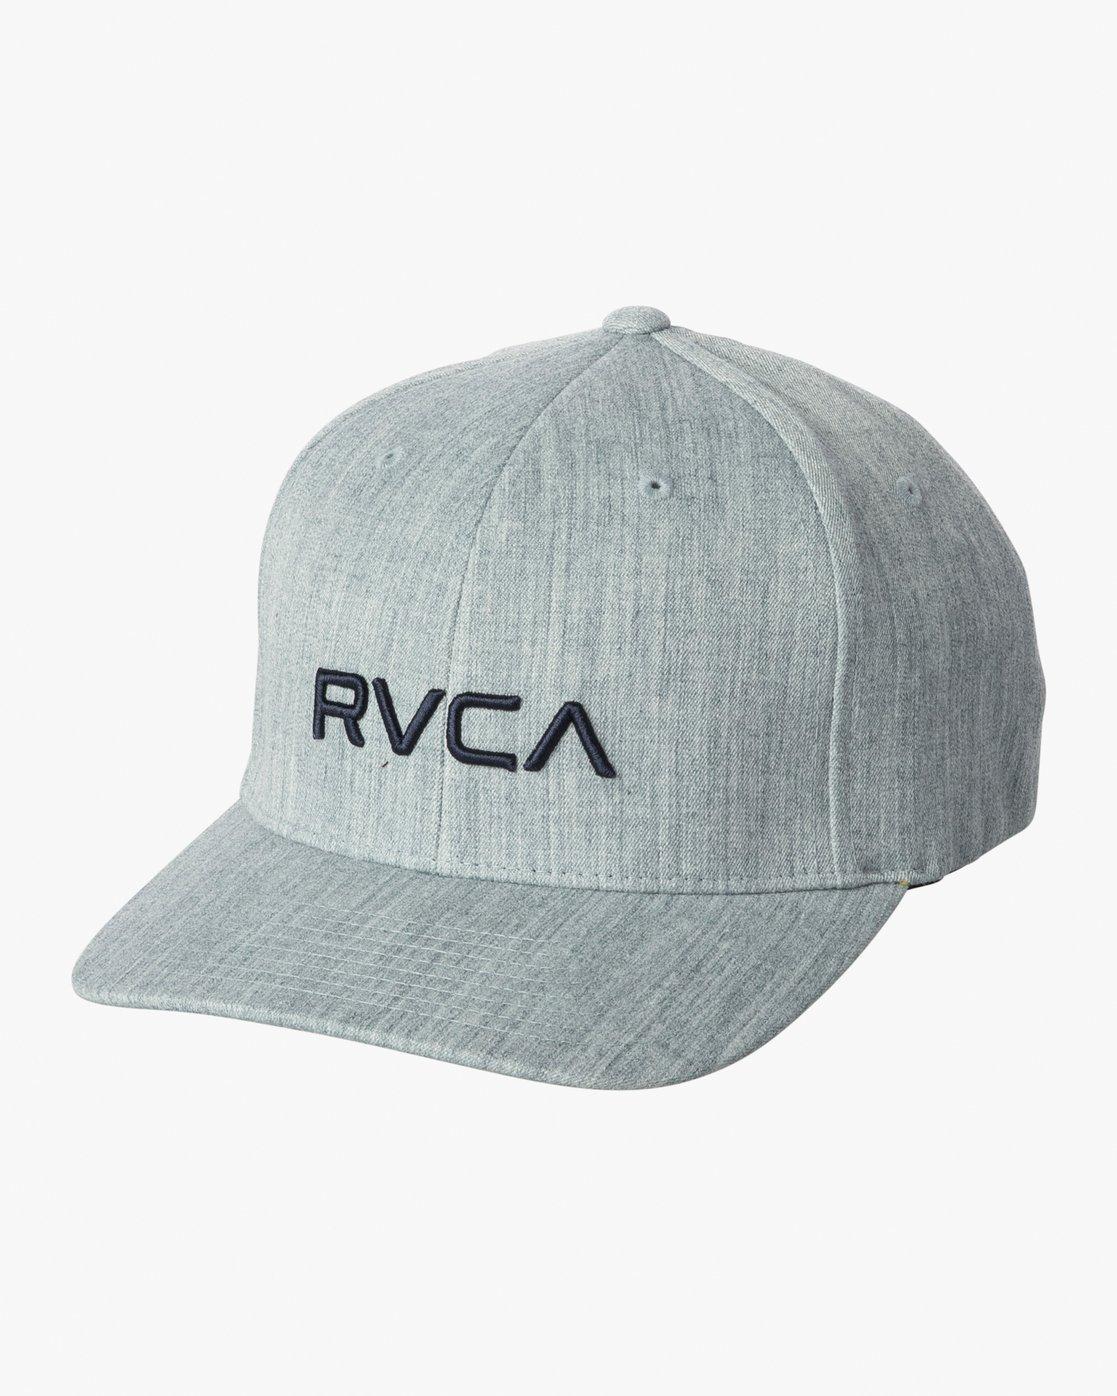 0 RVCA Flex Fit Baseball Hat Blue MHAHWRFF RVCA